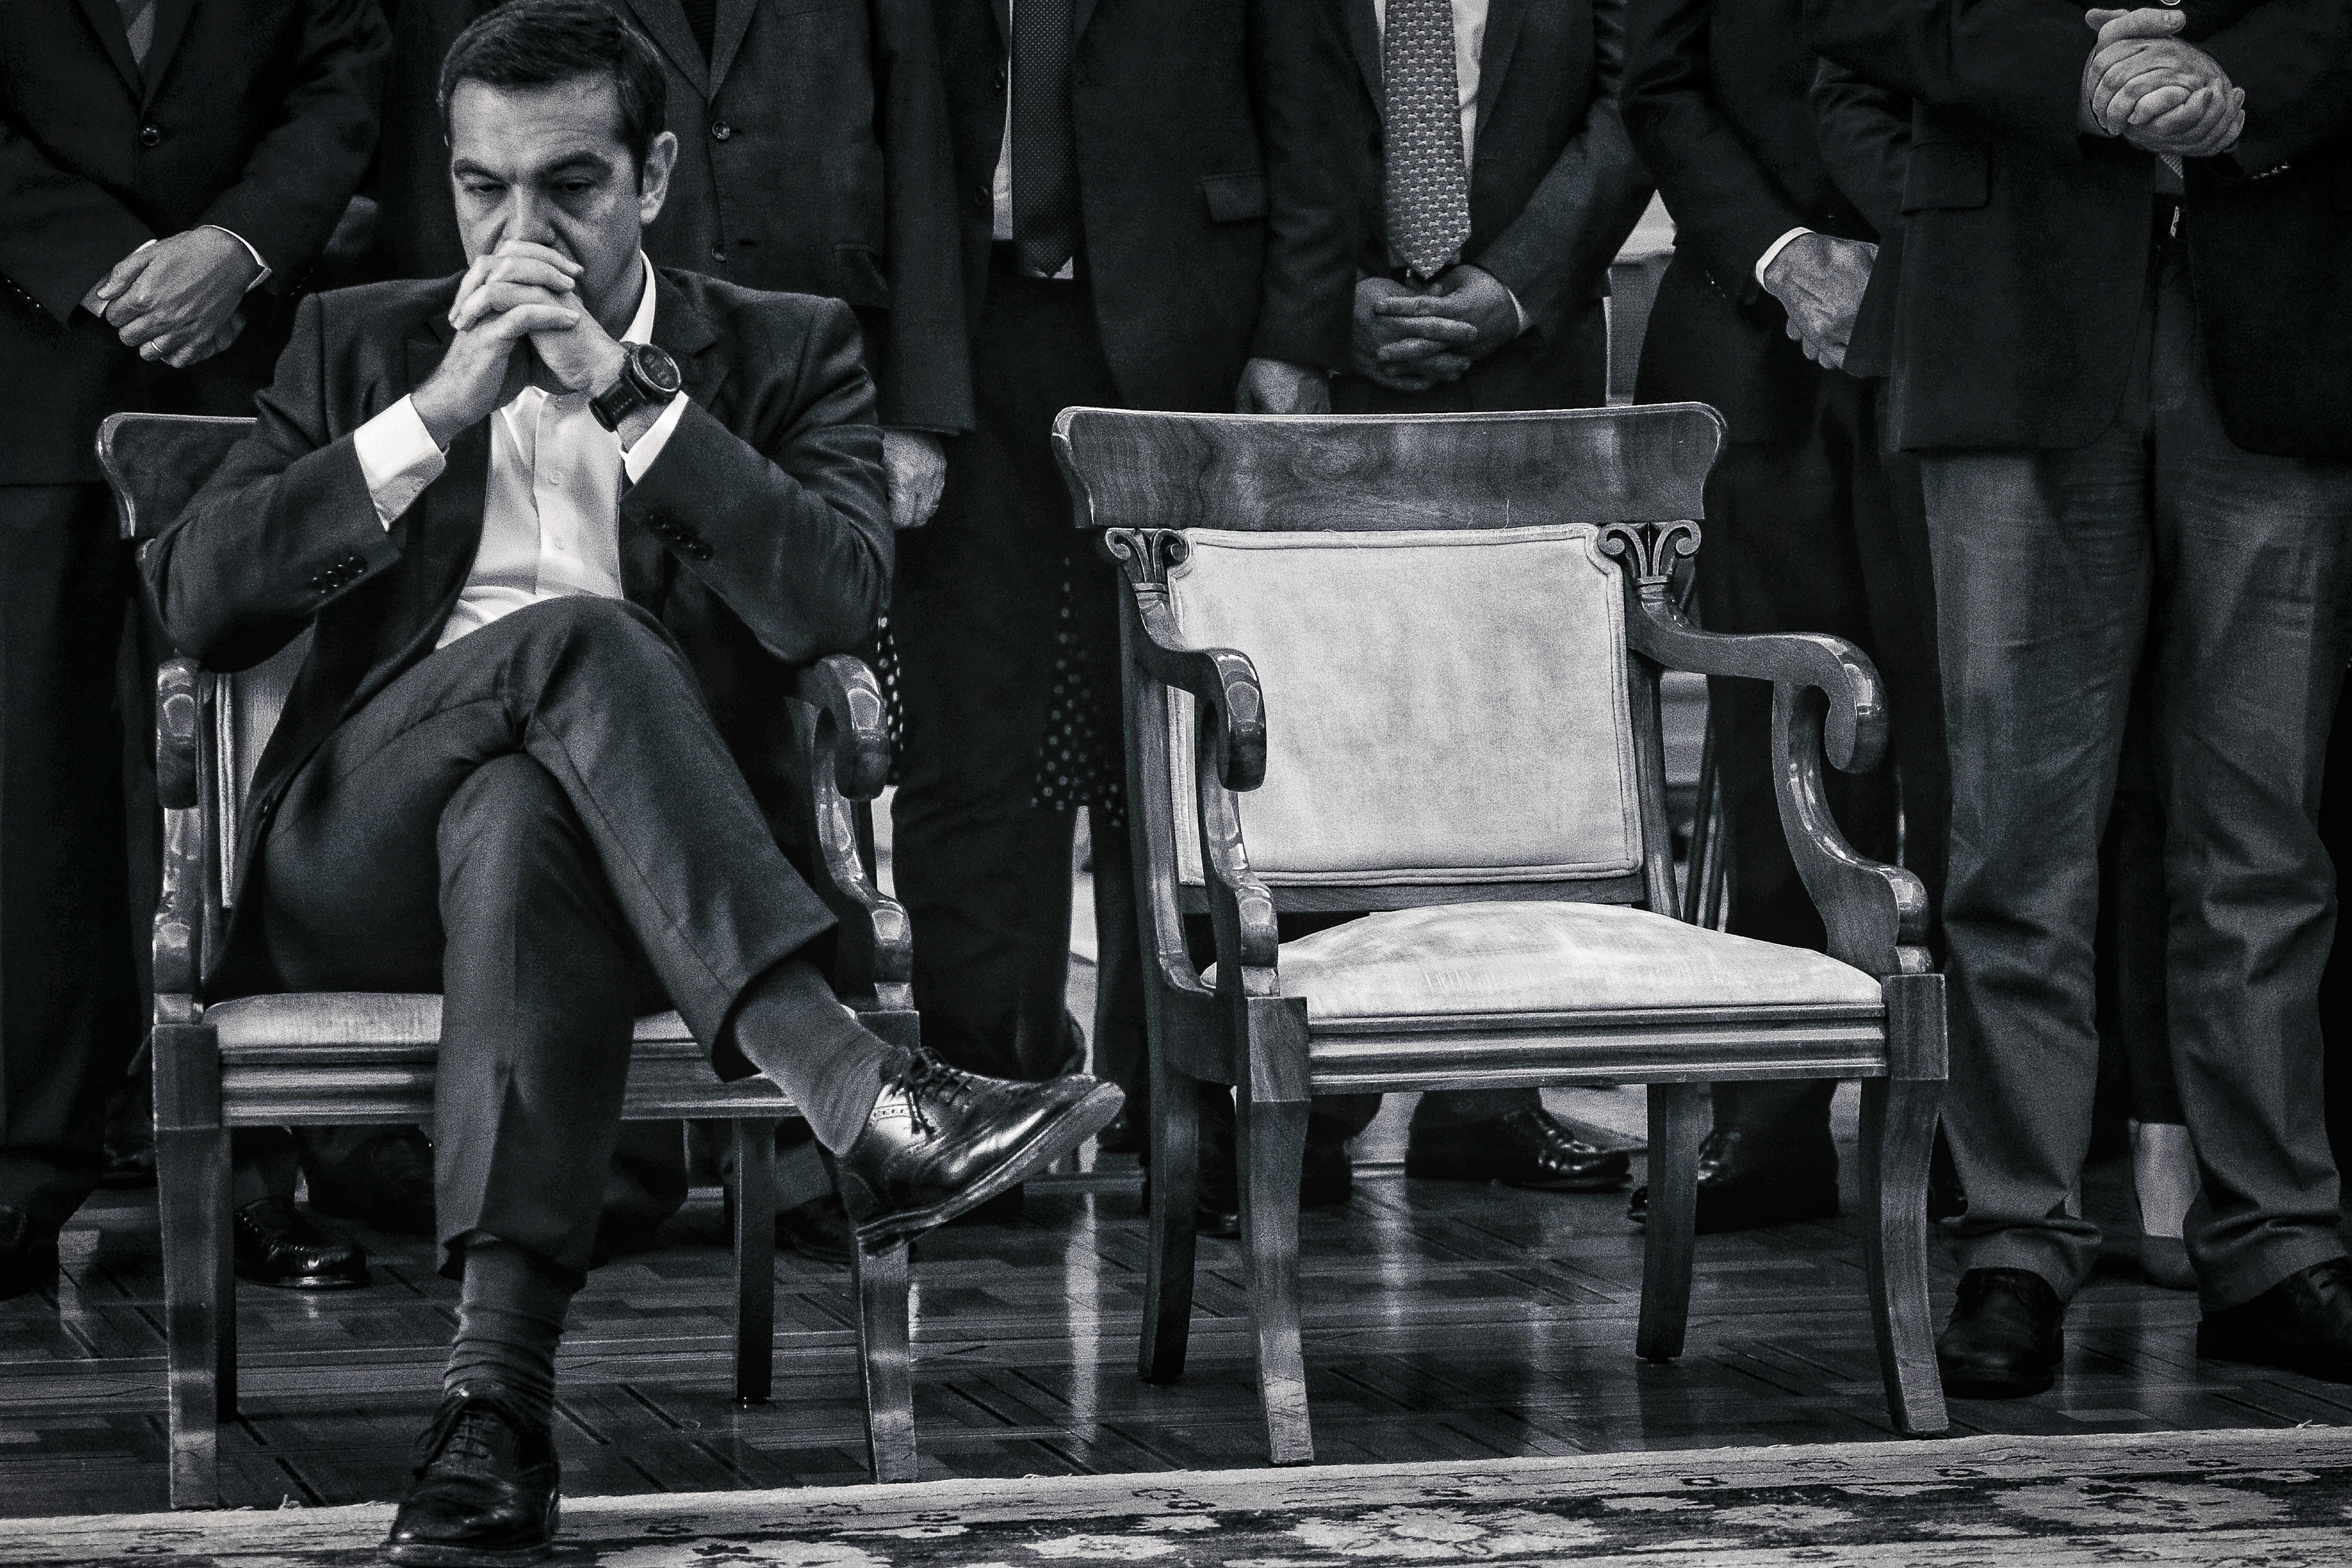 Το μεγάλο έλλειμμα προϋποθέσεων για μια αξιόπιστη Ελληνική Εθνική